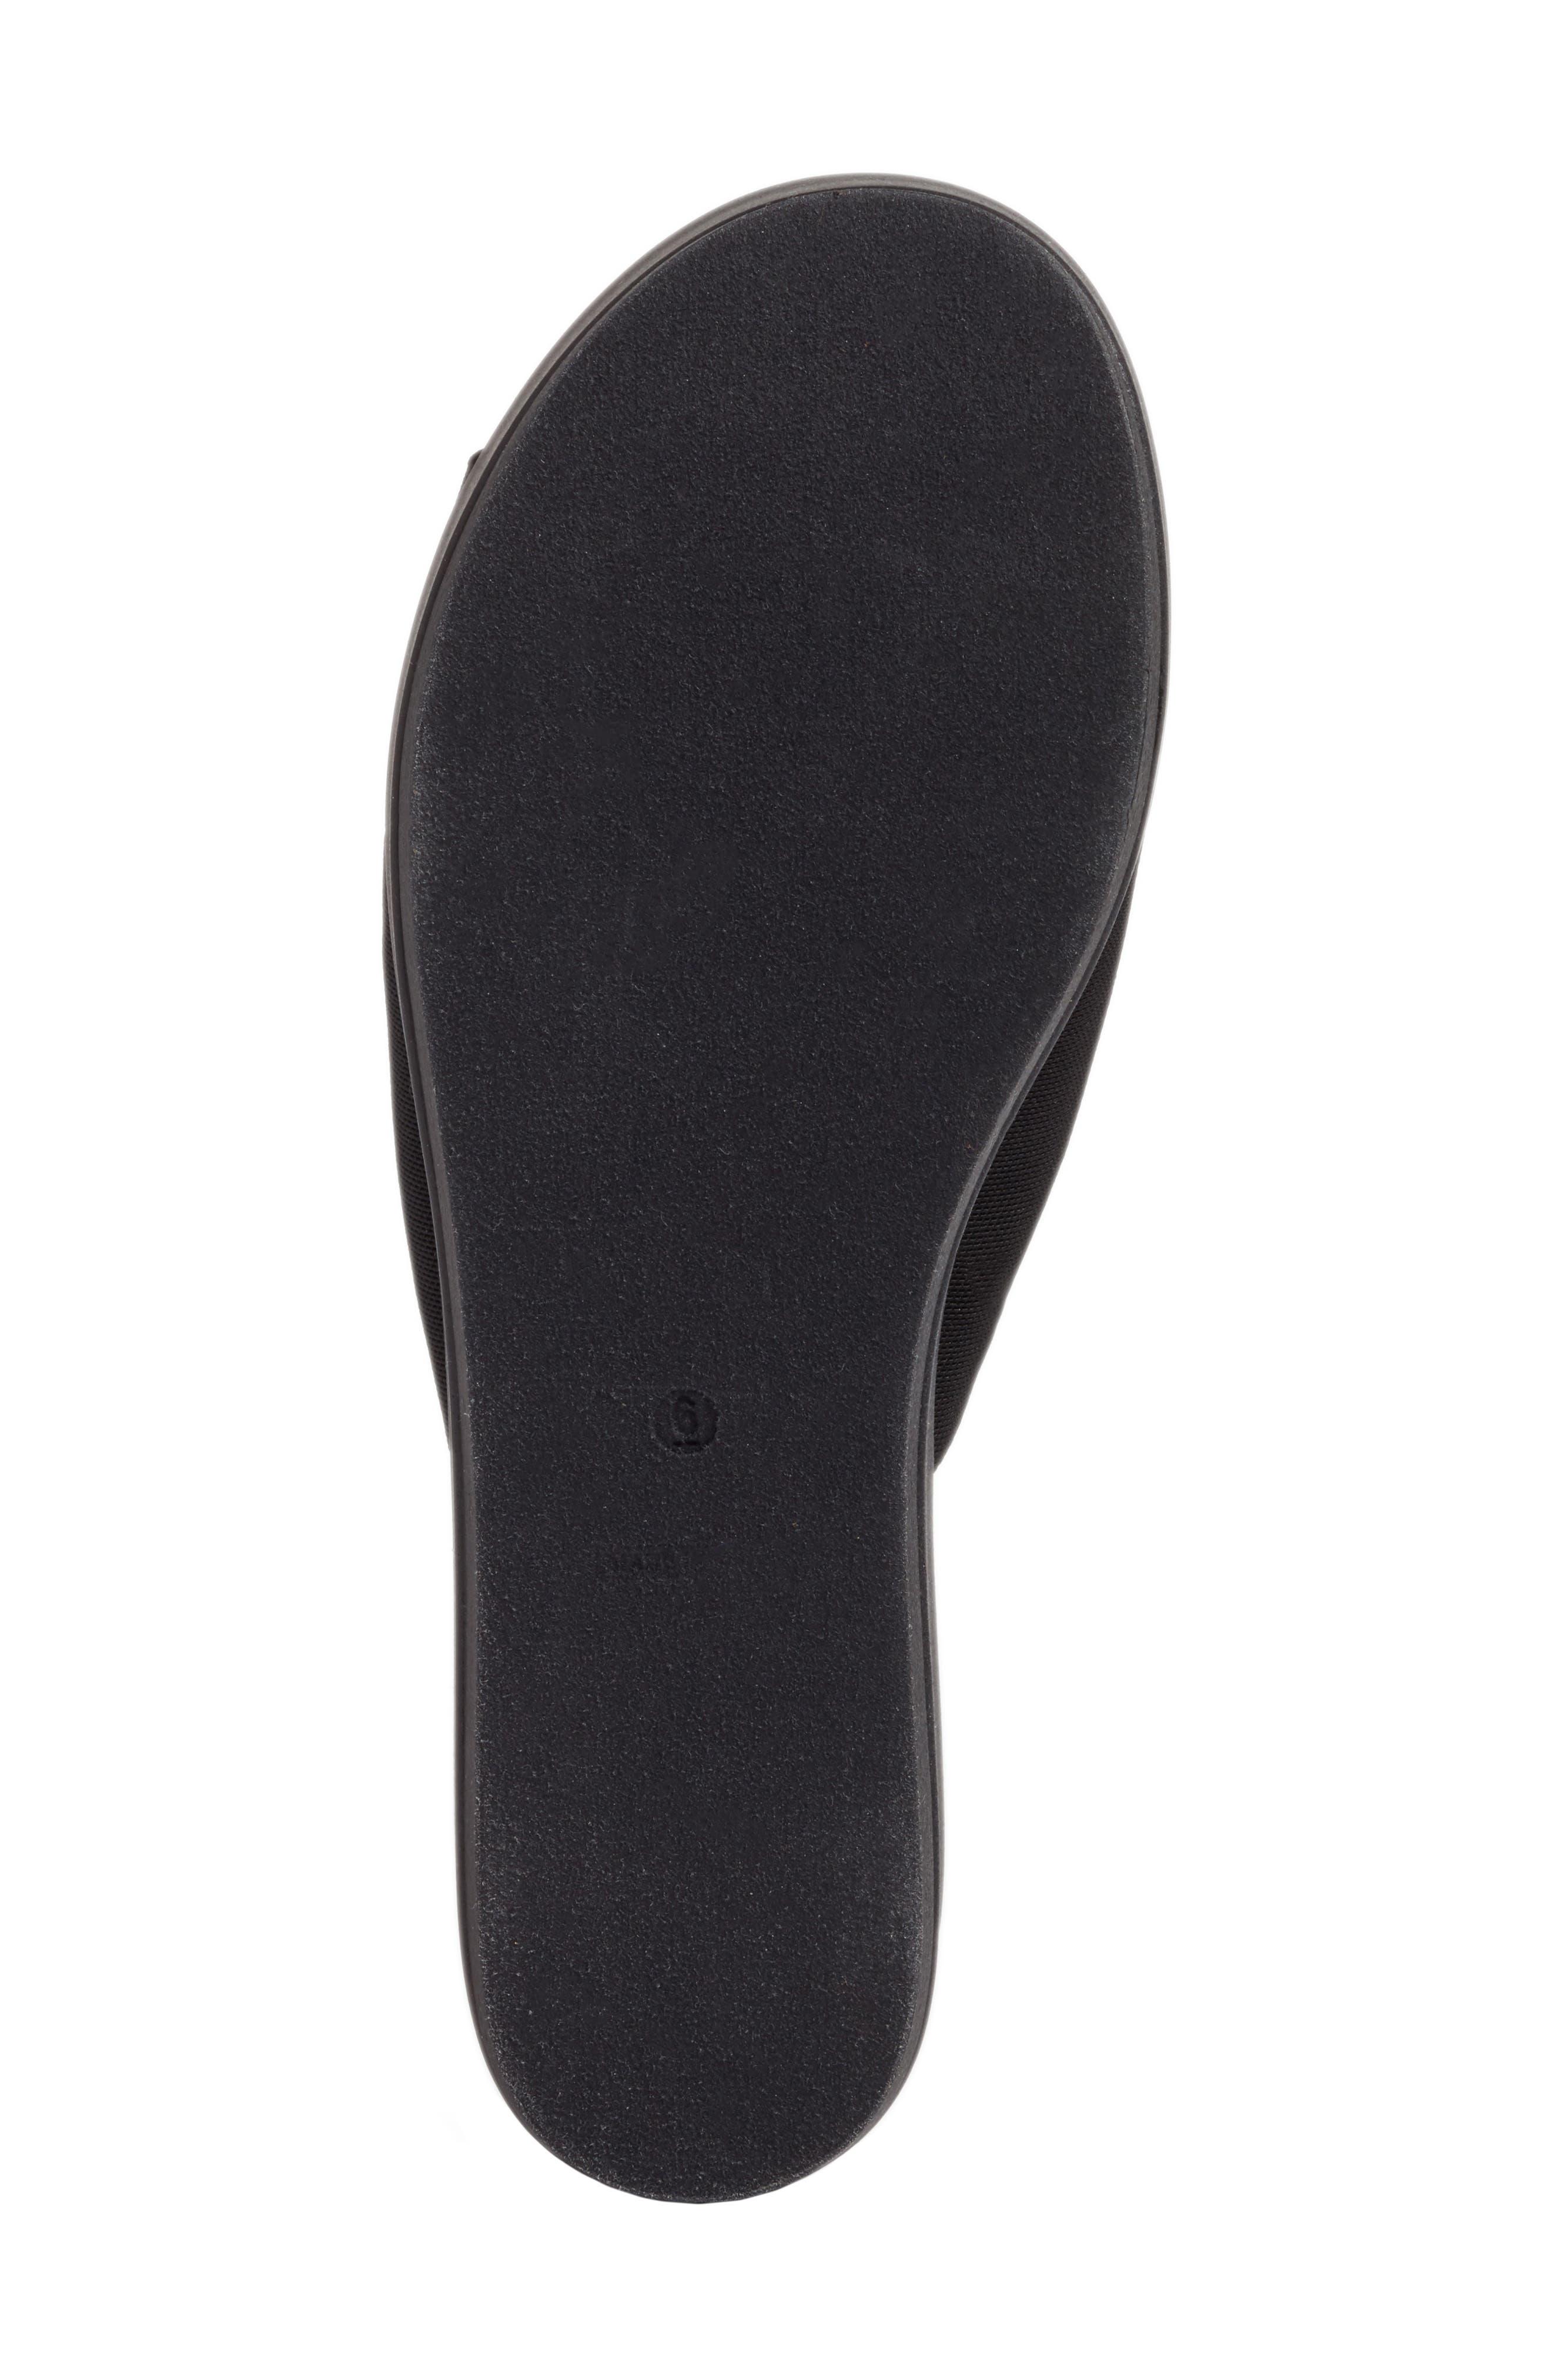 STEVE MADDEN, Slinky Platform Sandal, Alternate thumbnail 6, color, 001